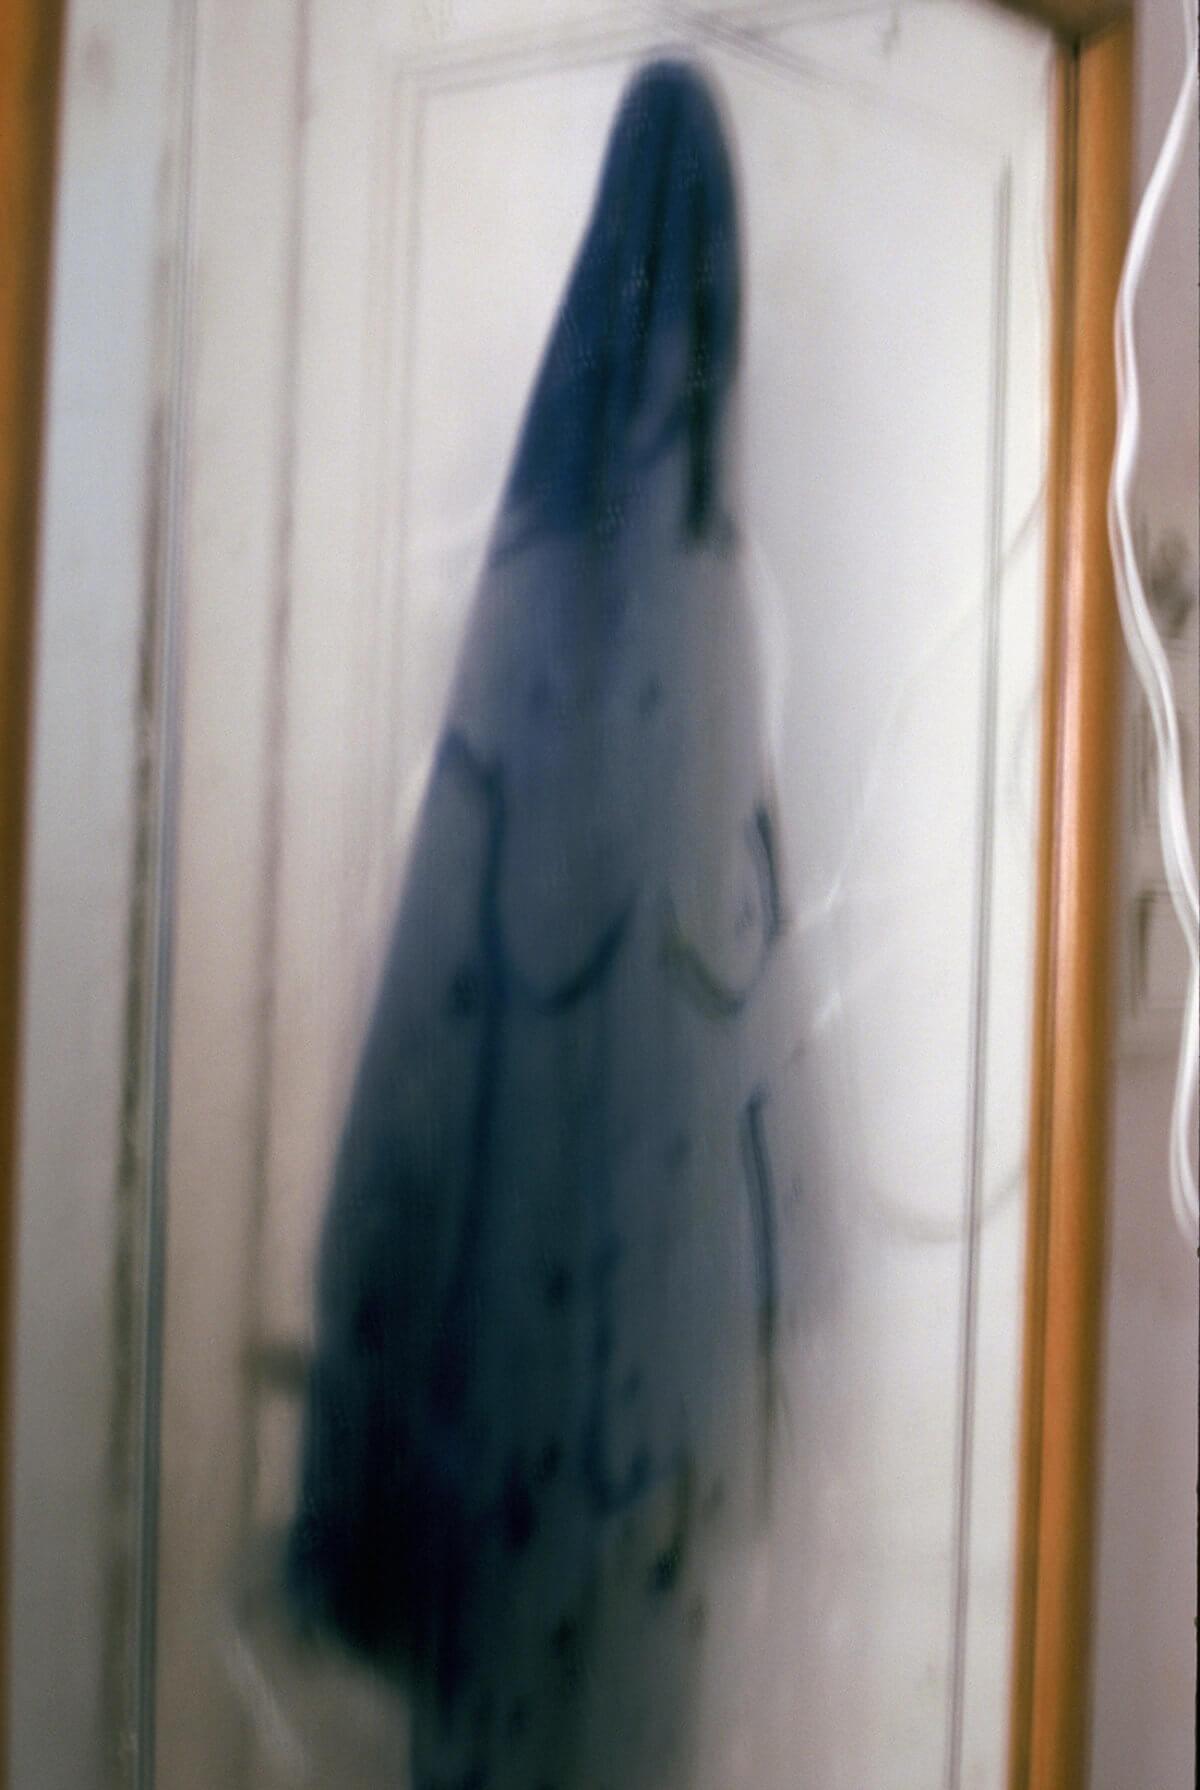 Vaho 12, photography, 2000